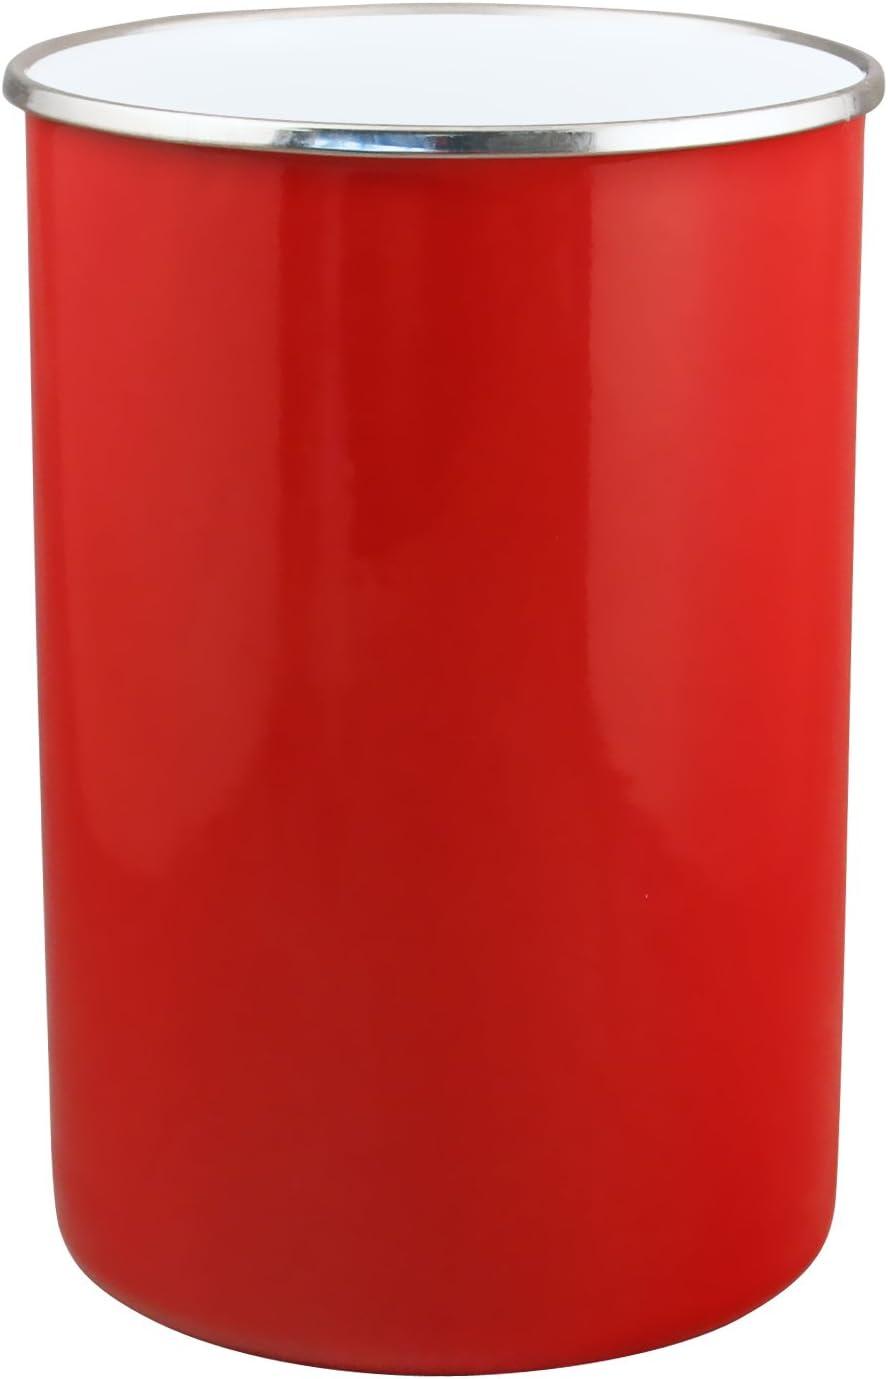 Reston Lloyd 82600 Calypso Basics by Enamel on Steel Utensil Holder, Red, Standard